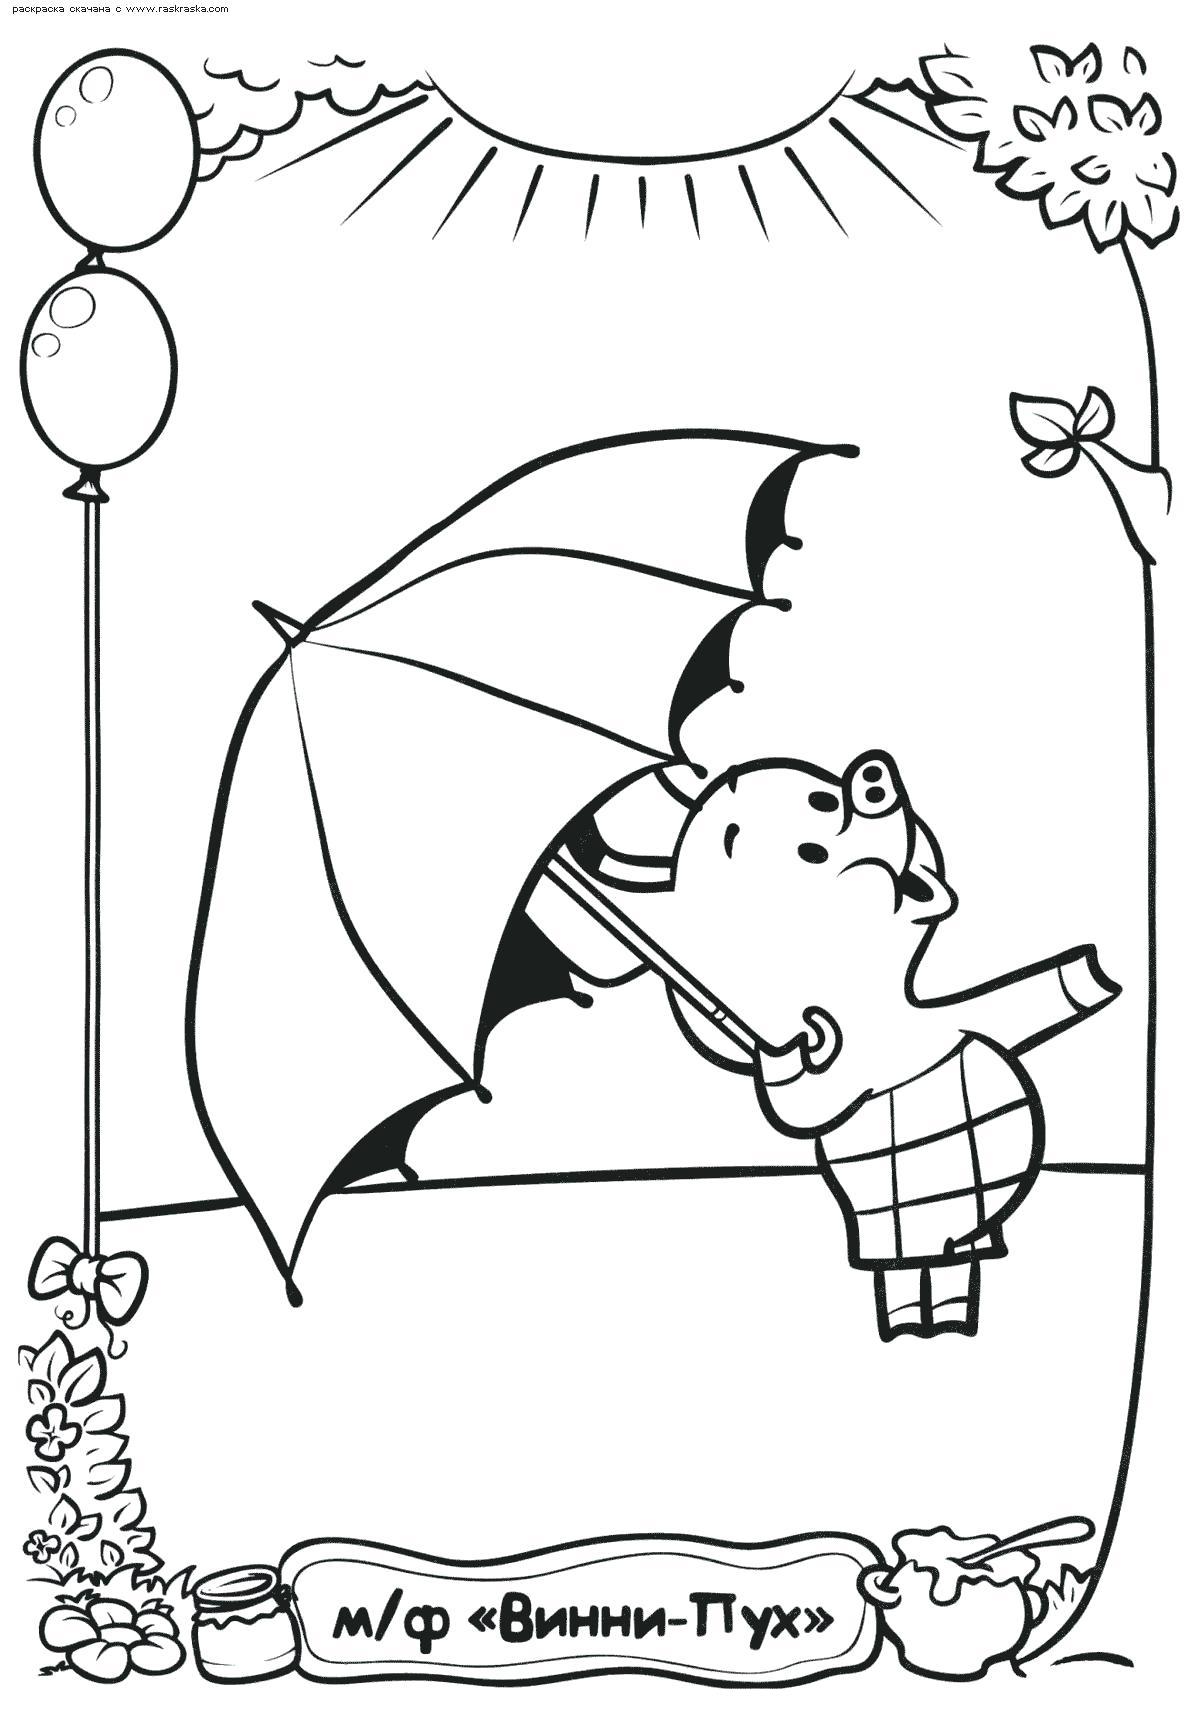 Раскраска Раскраска Пятачок под зонтиком. Раскраска Кажется дождь собирается, поросенок Пятачок раскраска для детей из мультфильма. Пятачок